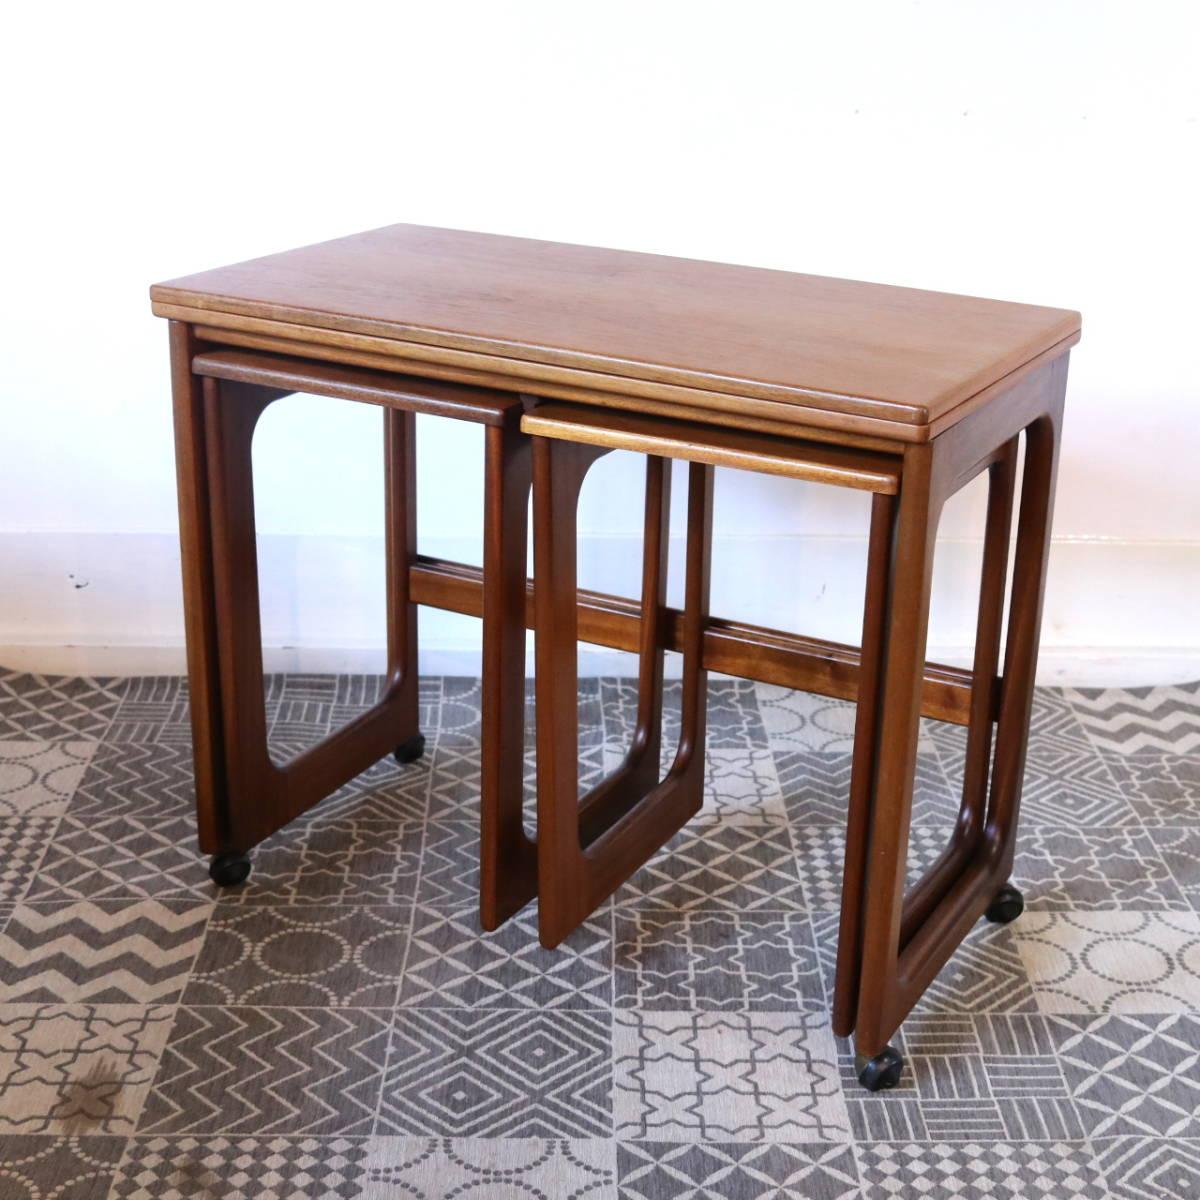 【天板剥離・再塗装メンテ済】イギリス McINTOSH社製 ビンテージ ネストテーブル/ERCOL G-PLAN アンティーク コーヒーテーブル 北欧